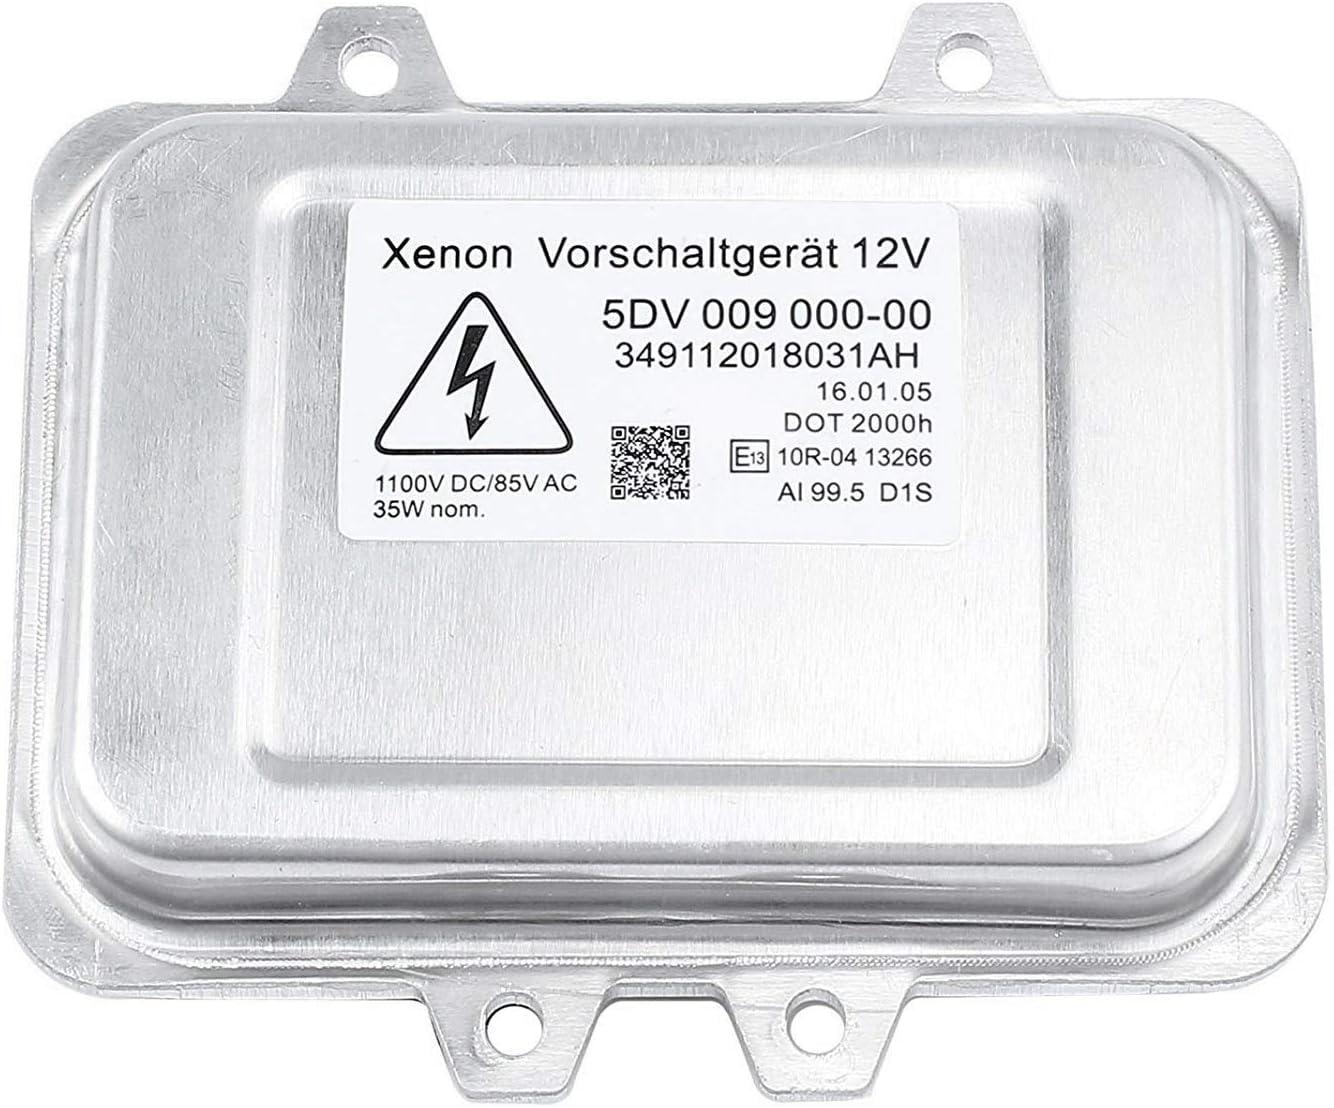 Iycorish 5Dv 009 000-00 Module De Commande De Ballast Phare Cach/é Au X/éNon pour Escalade 2007-2013 2006-2009 S/éRie 5 E60 Mercedes,